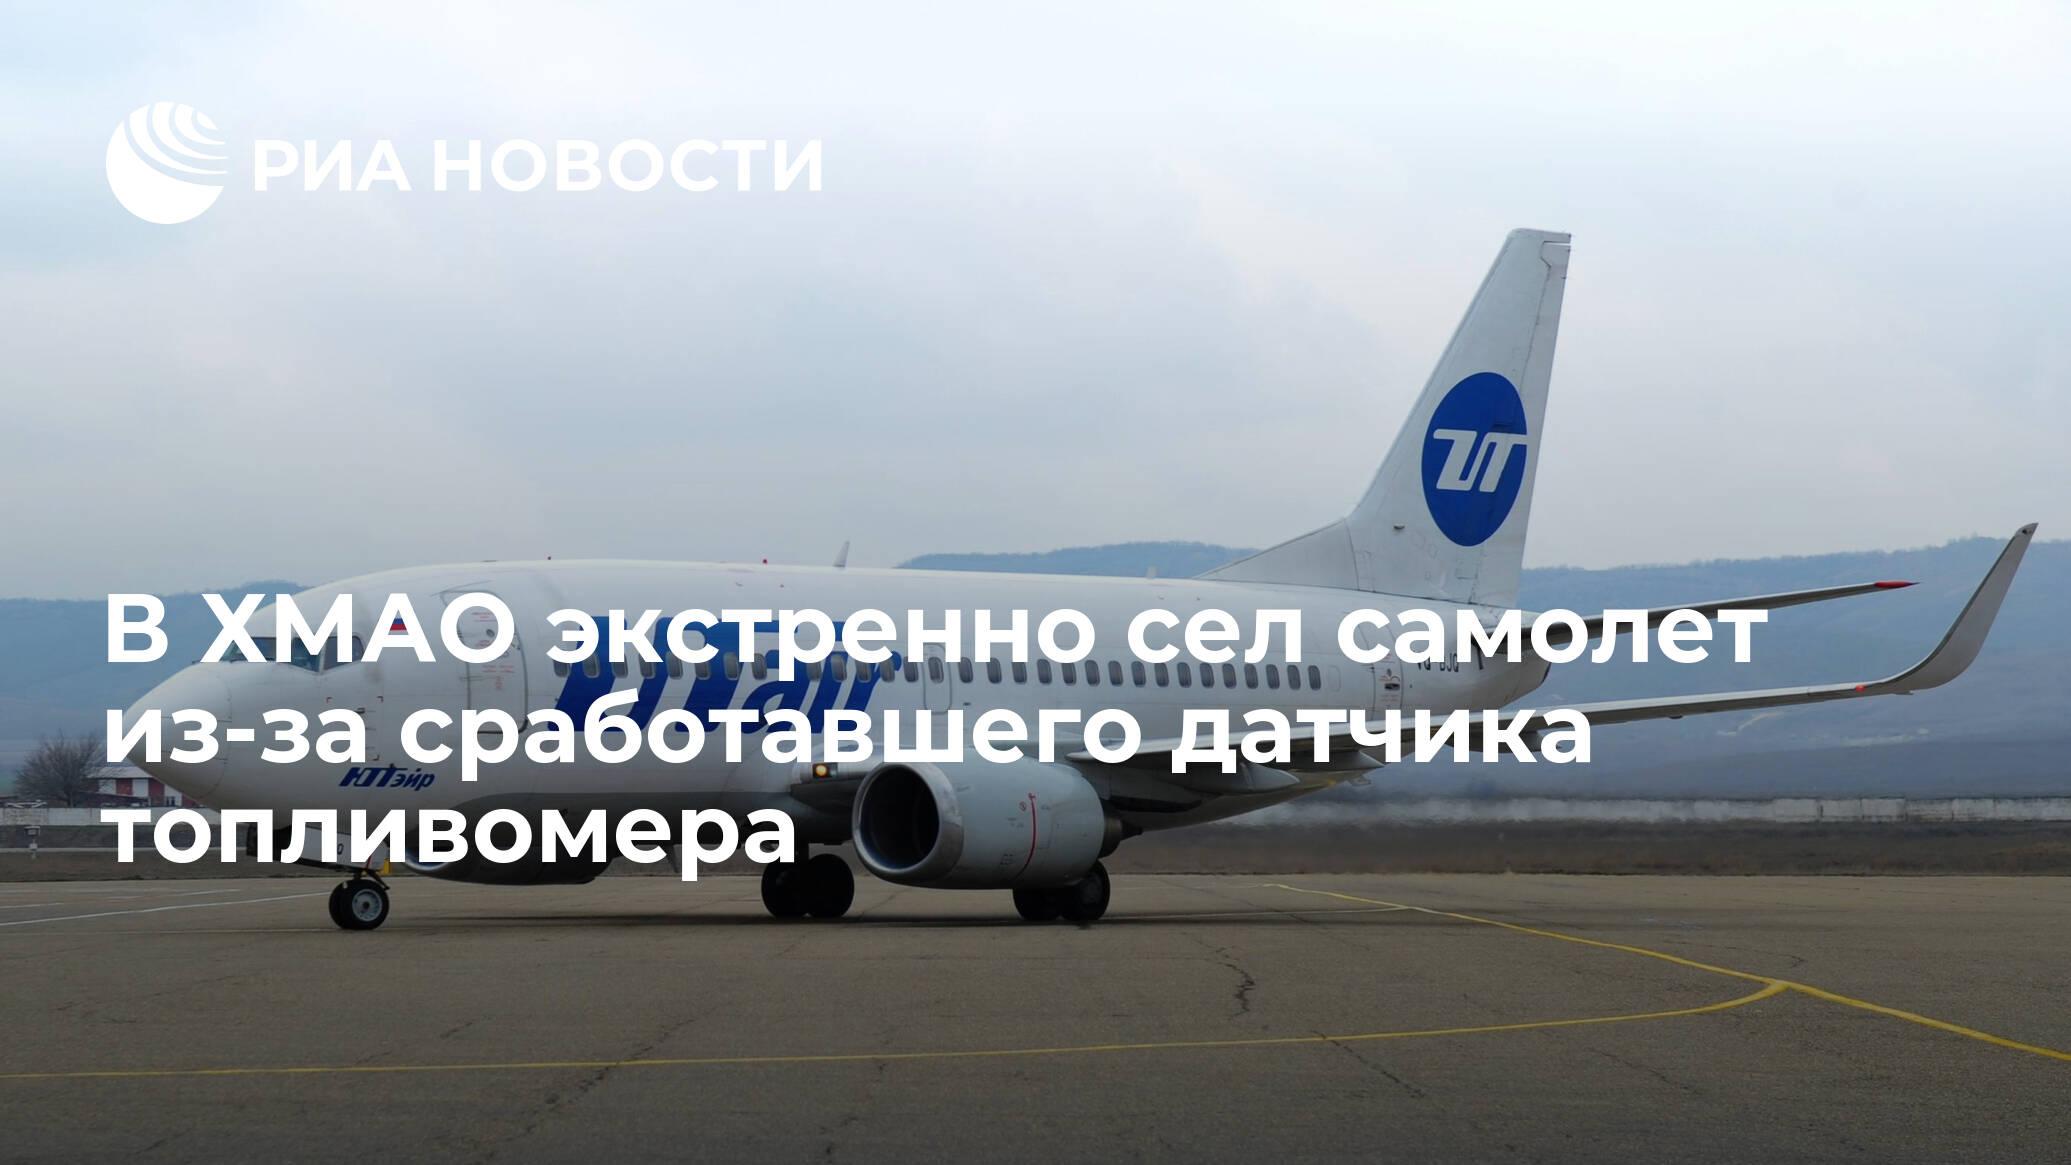 В ХМАО экстренно сел самолет из-за сработавшего датчика топливомера